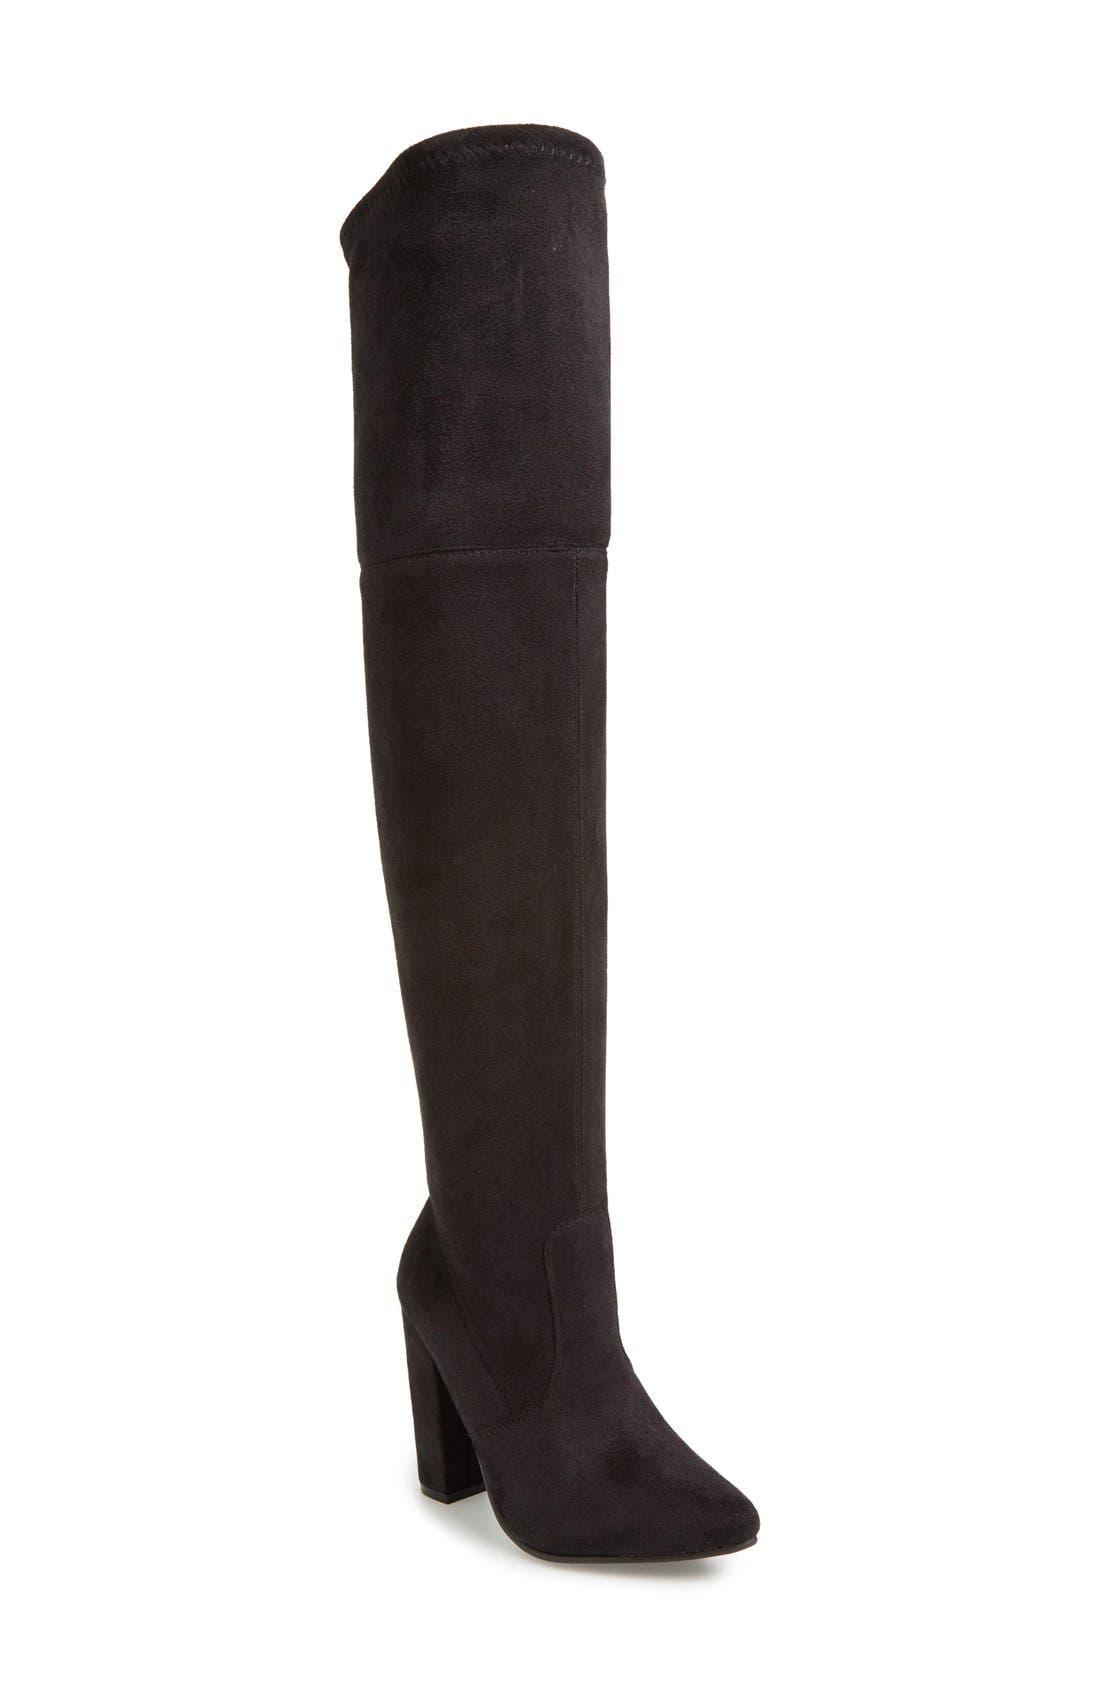 Alternate Image 1 Selected - Steve Madden 'Rocking' Over the Knee Boot (Women)